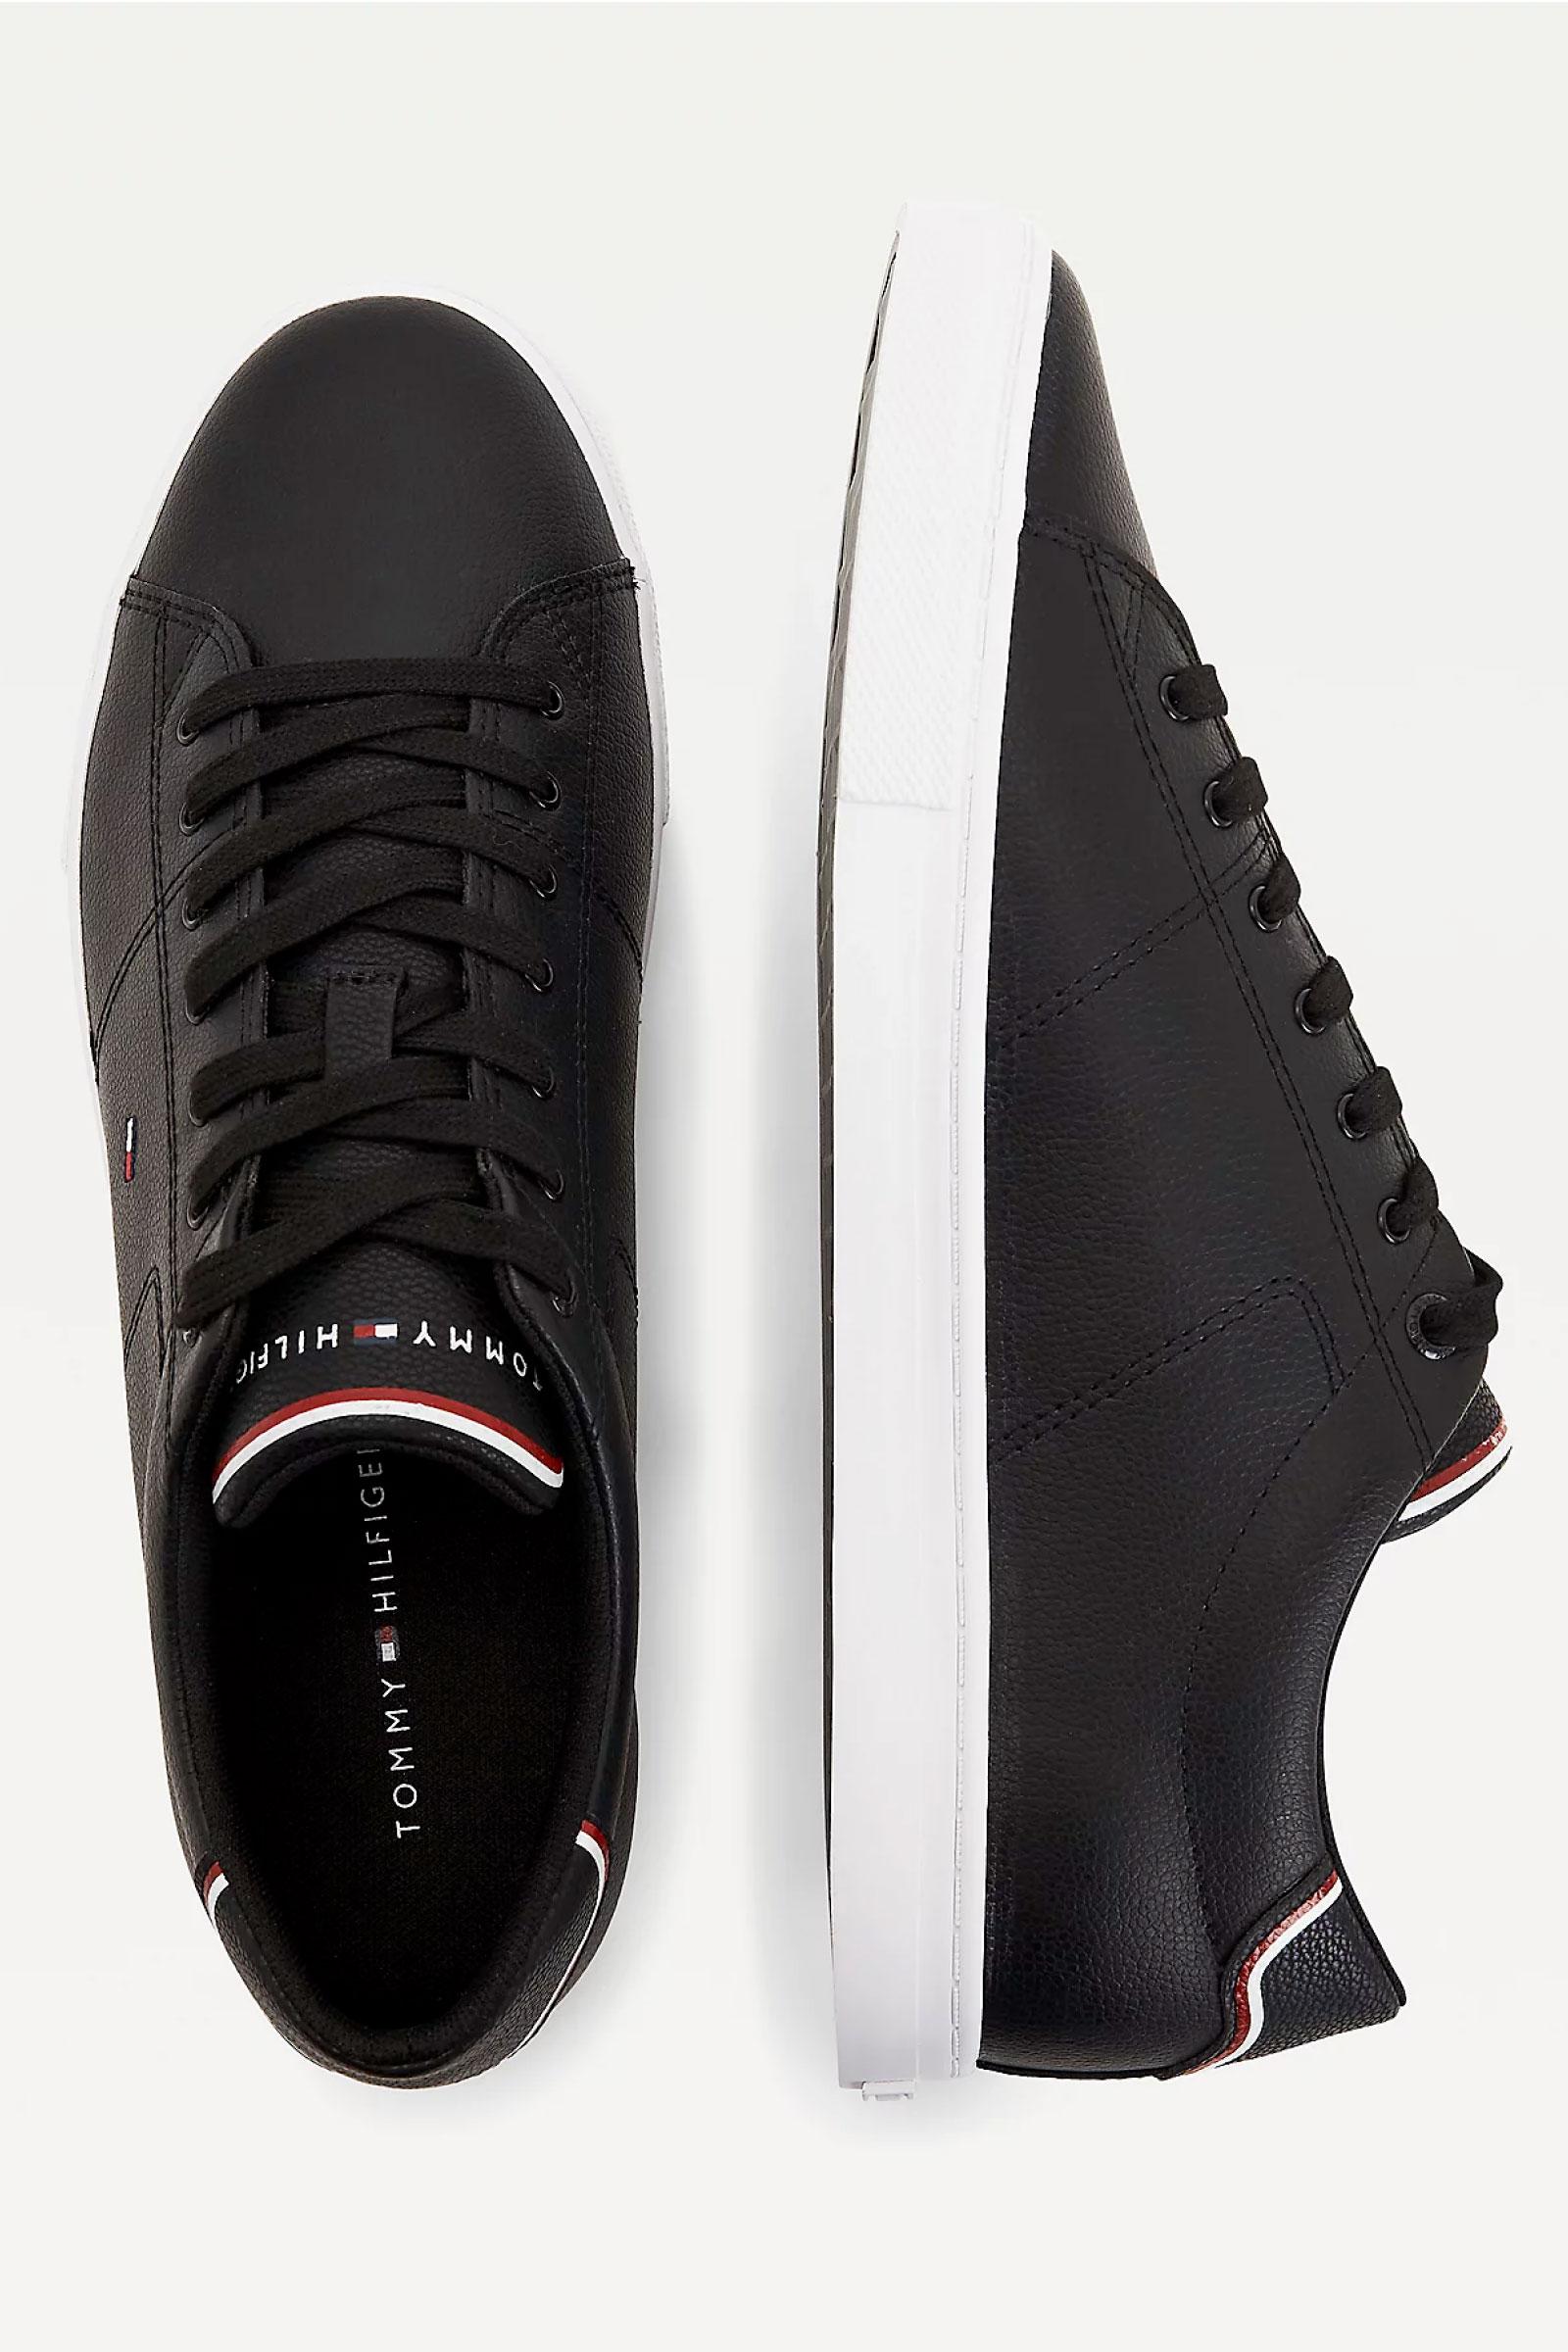 TOMMY HILFIGER | Shoes | FM0FM03739BDS